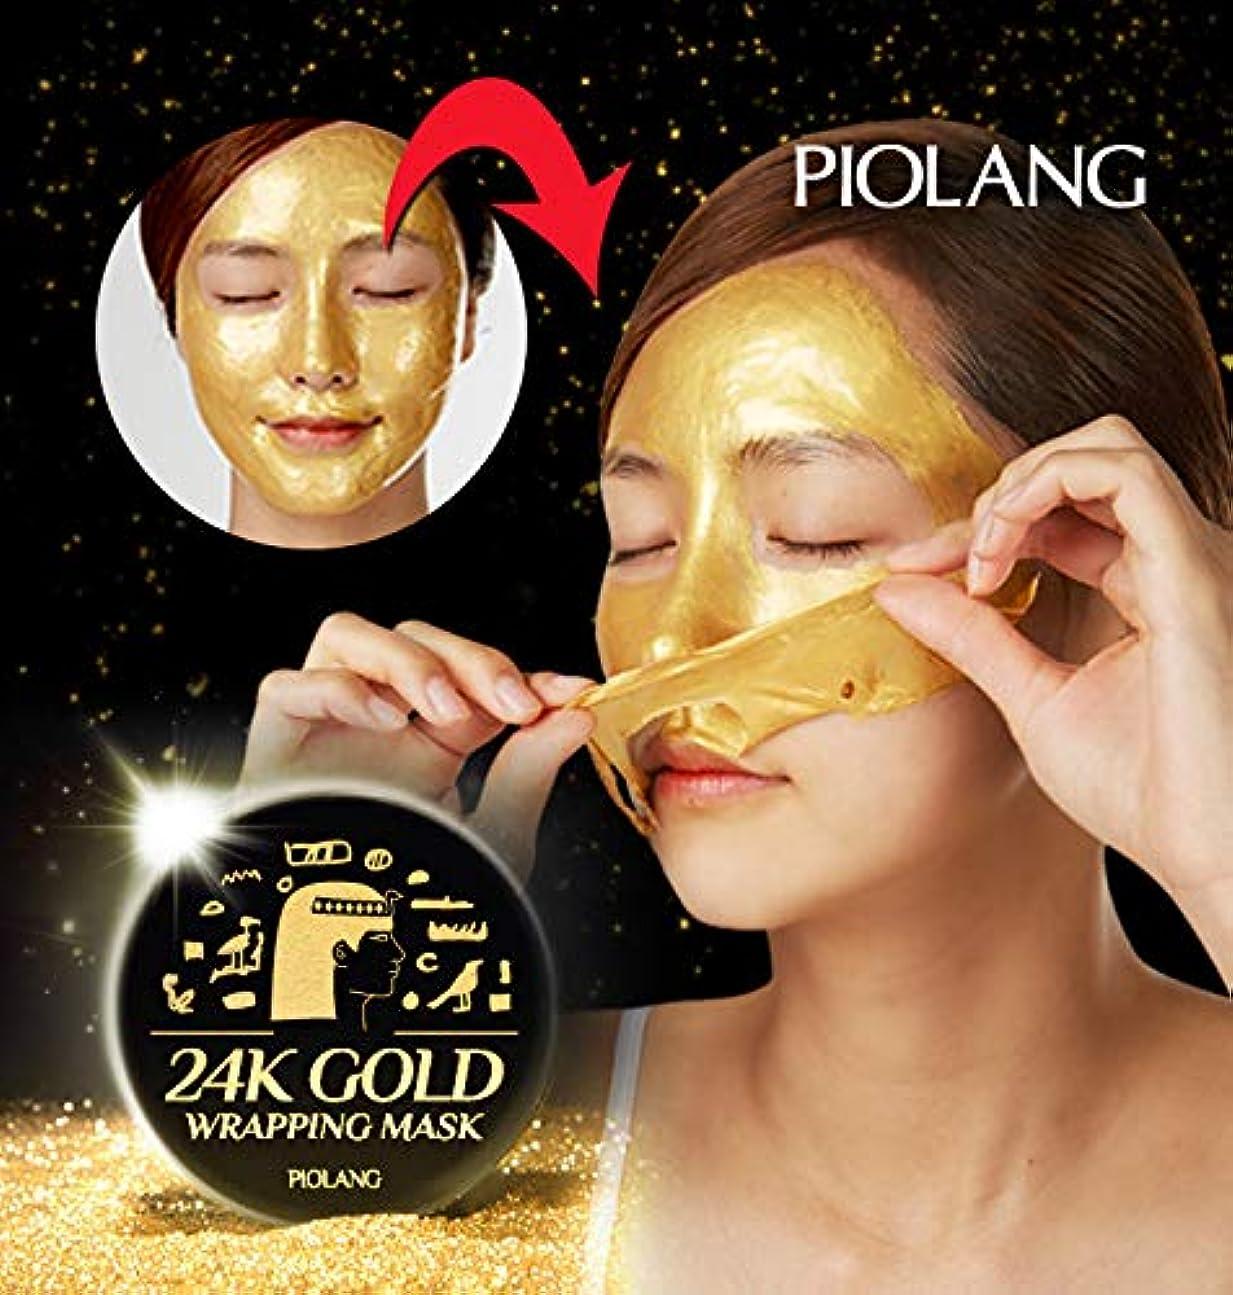 み寸前トラフィックEsthetic House[エステティックハウス] ピオラン(Piolang) 24Kゴールドラッピングマスク80ml (しわケアパックをはがす) / 24K Gold Wrapping Mask